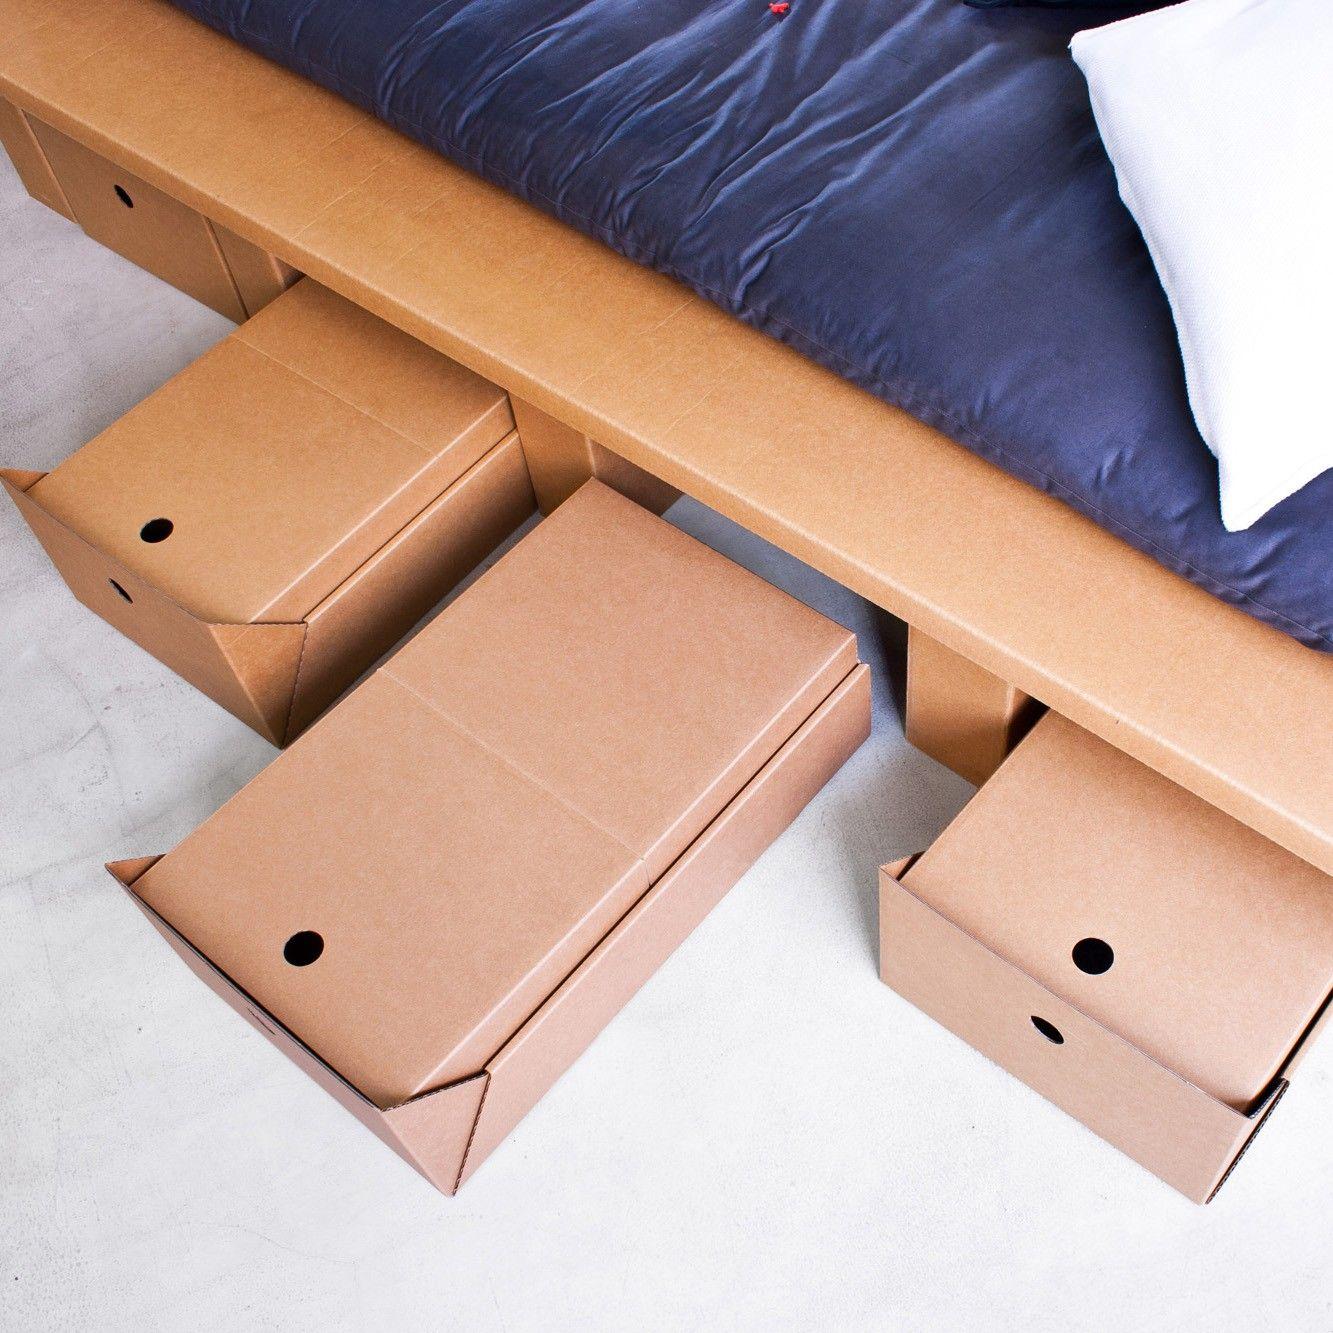 Papp Bett kurze bettkästen für die andere seite vom bett kurz für pappbett